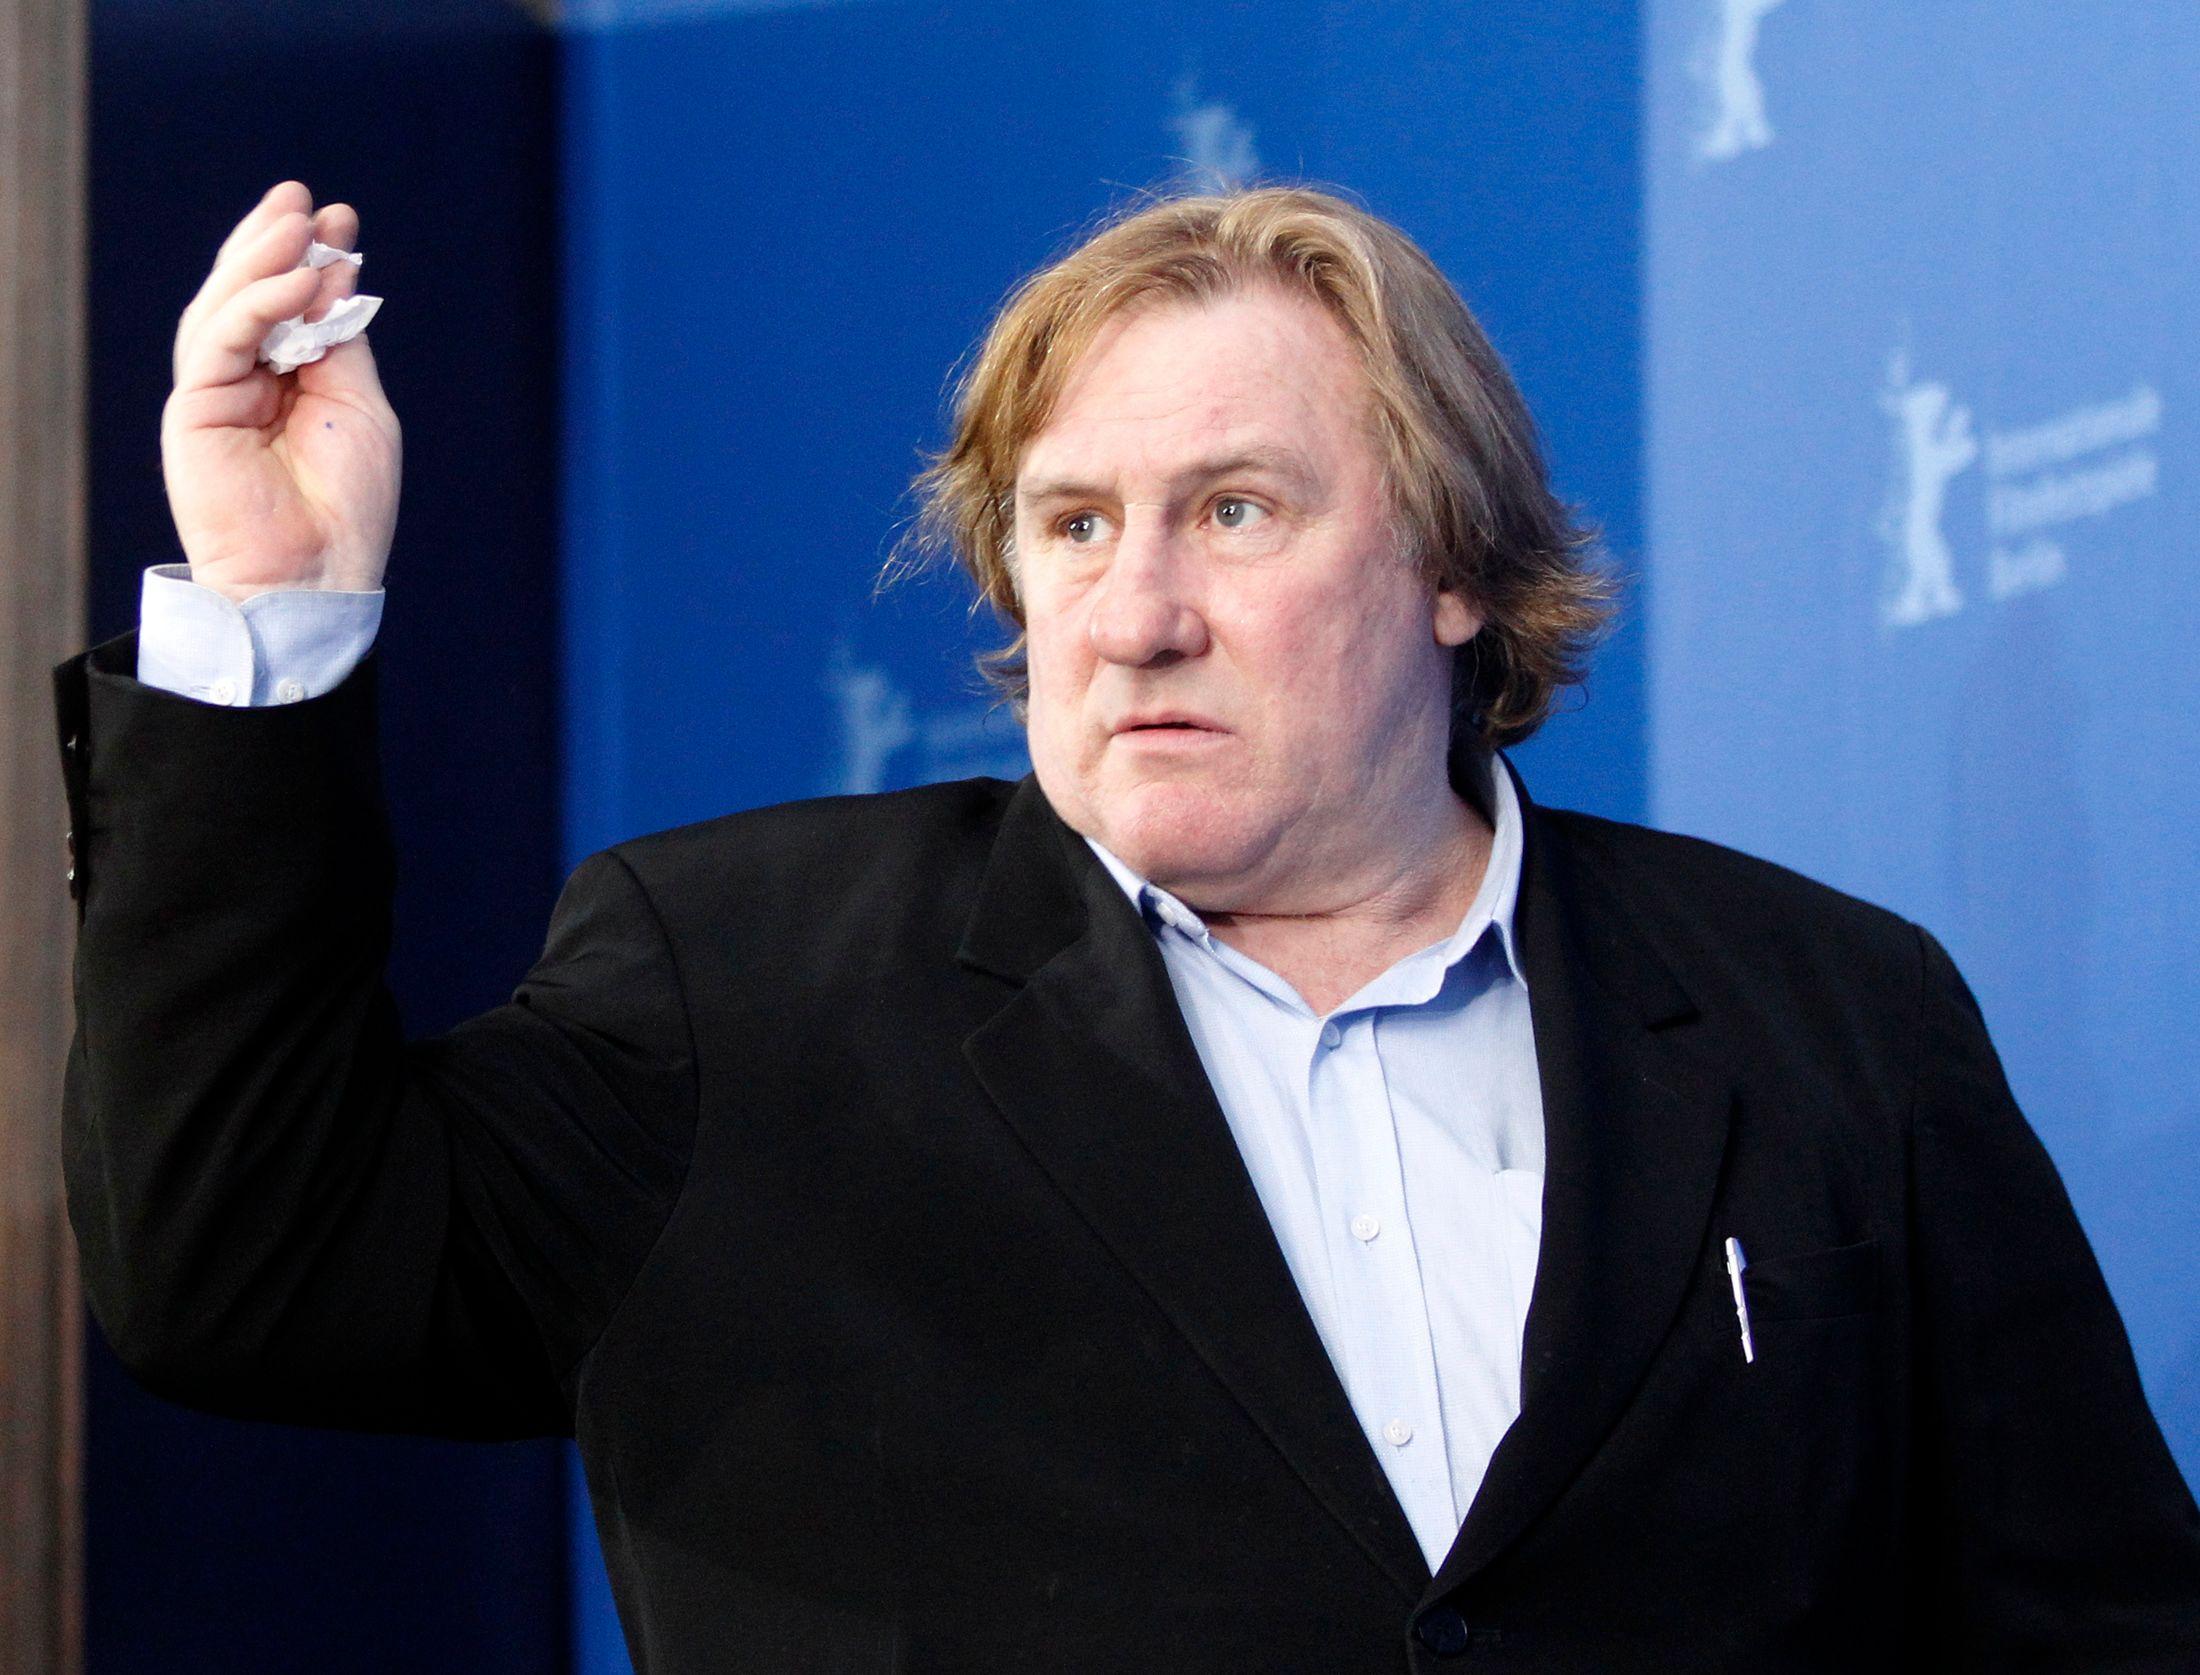 Conduite en état d'ivresse : Gérard Depardieu, son permis suspendu